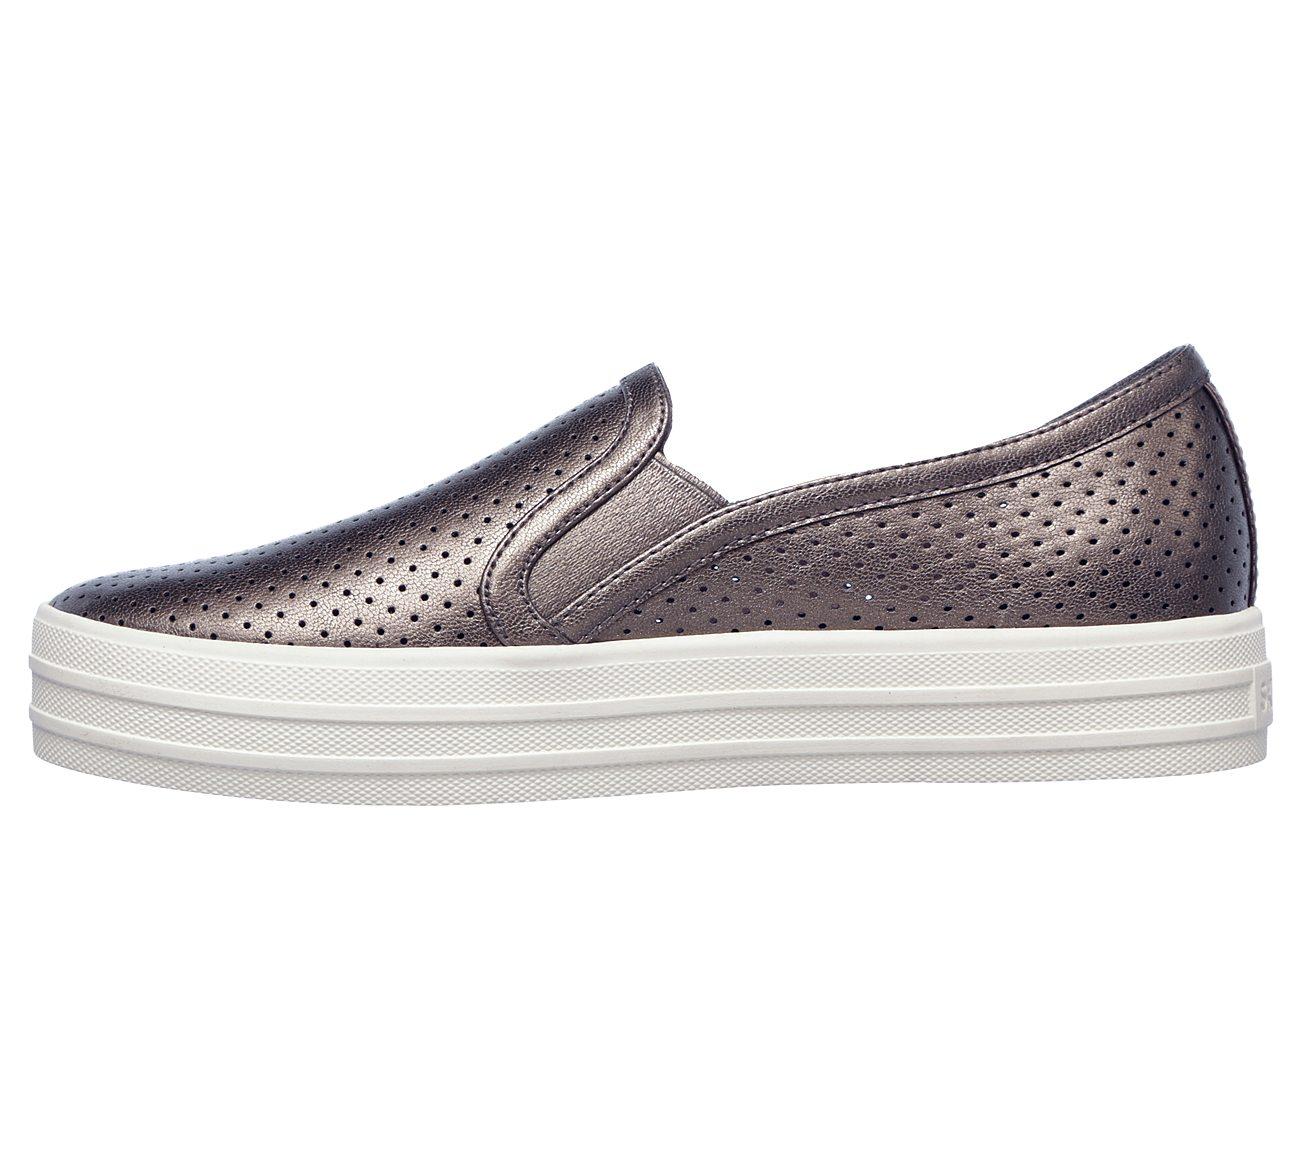 efd9ca614c41 Buy SKECHERS Double Up - Metallic Breeze SKECHER Street Shoes only ...